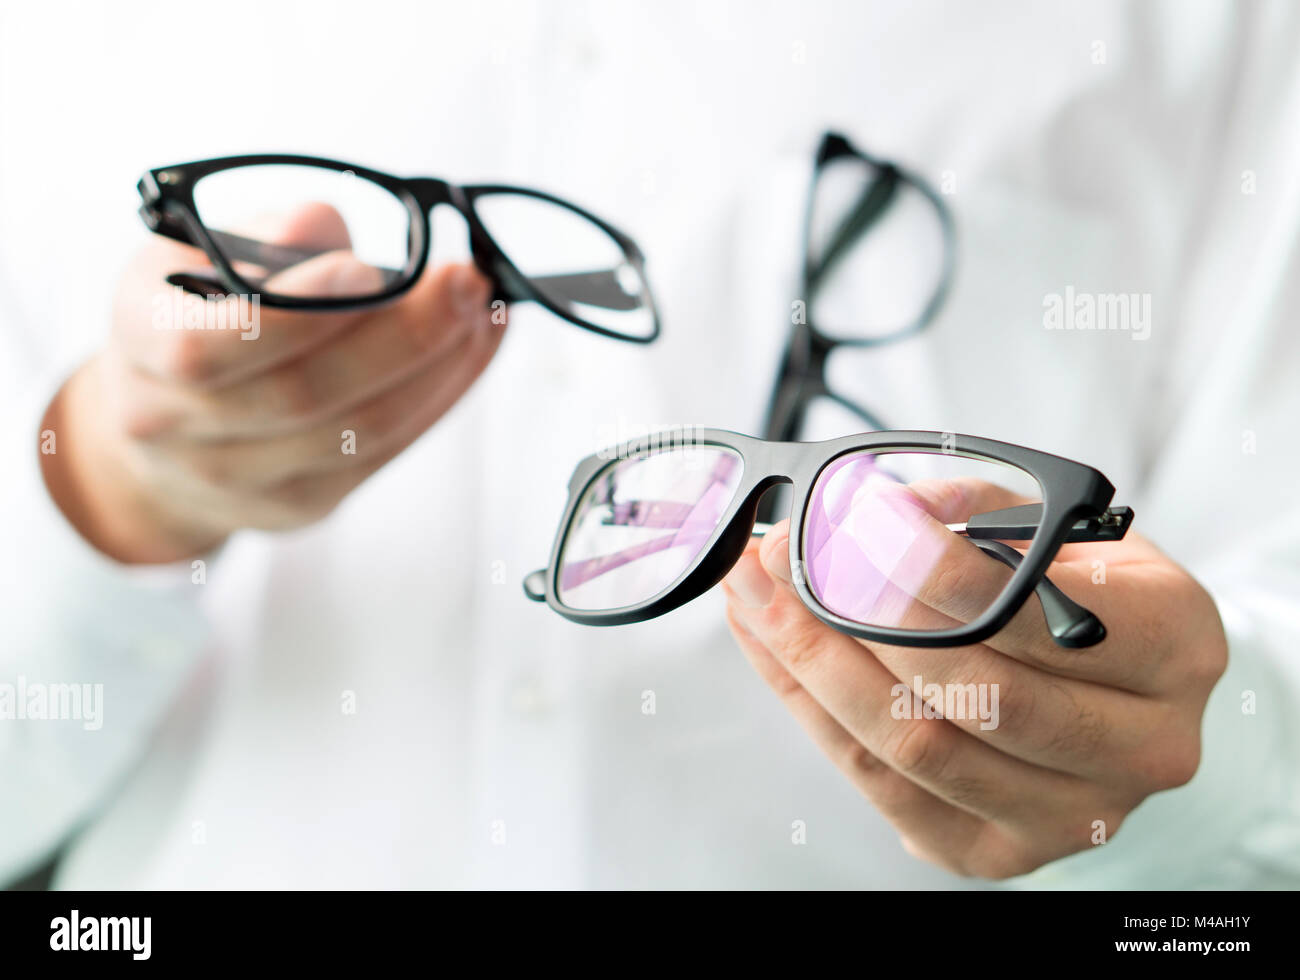 Óptico comparando lentes o mostrando las diferentes opciones al cliente en espectáculos. Oftalmólogo mostrando nuevas Foto de stock